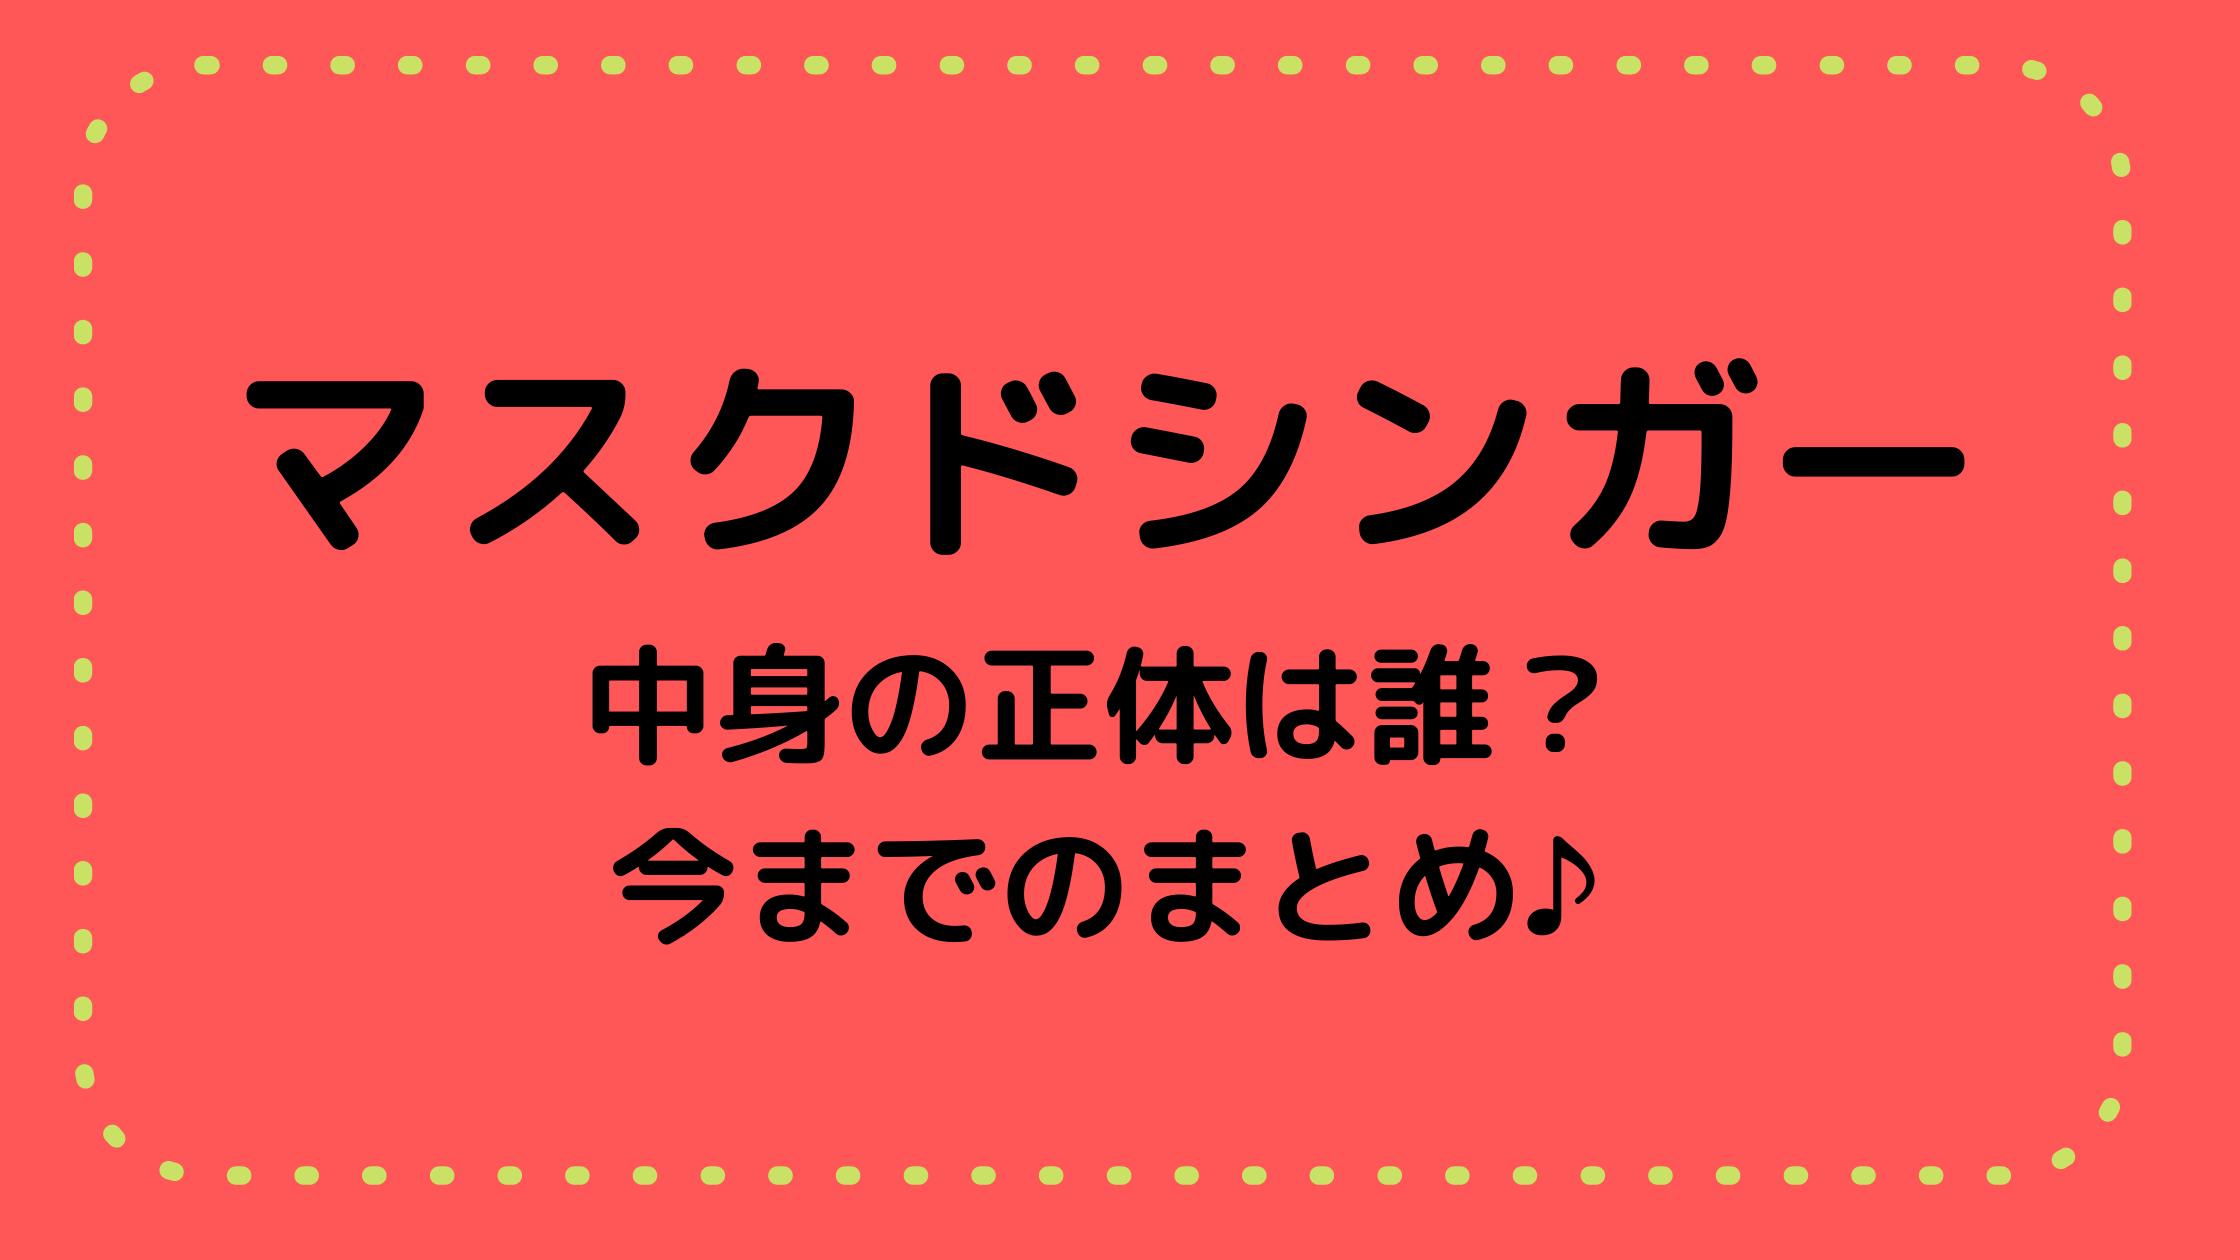 8月15日 大坂・京都(関西)の電車運休エリアは? 復旧再開はいつ? (2)